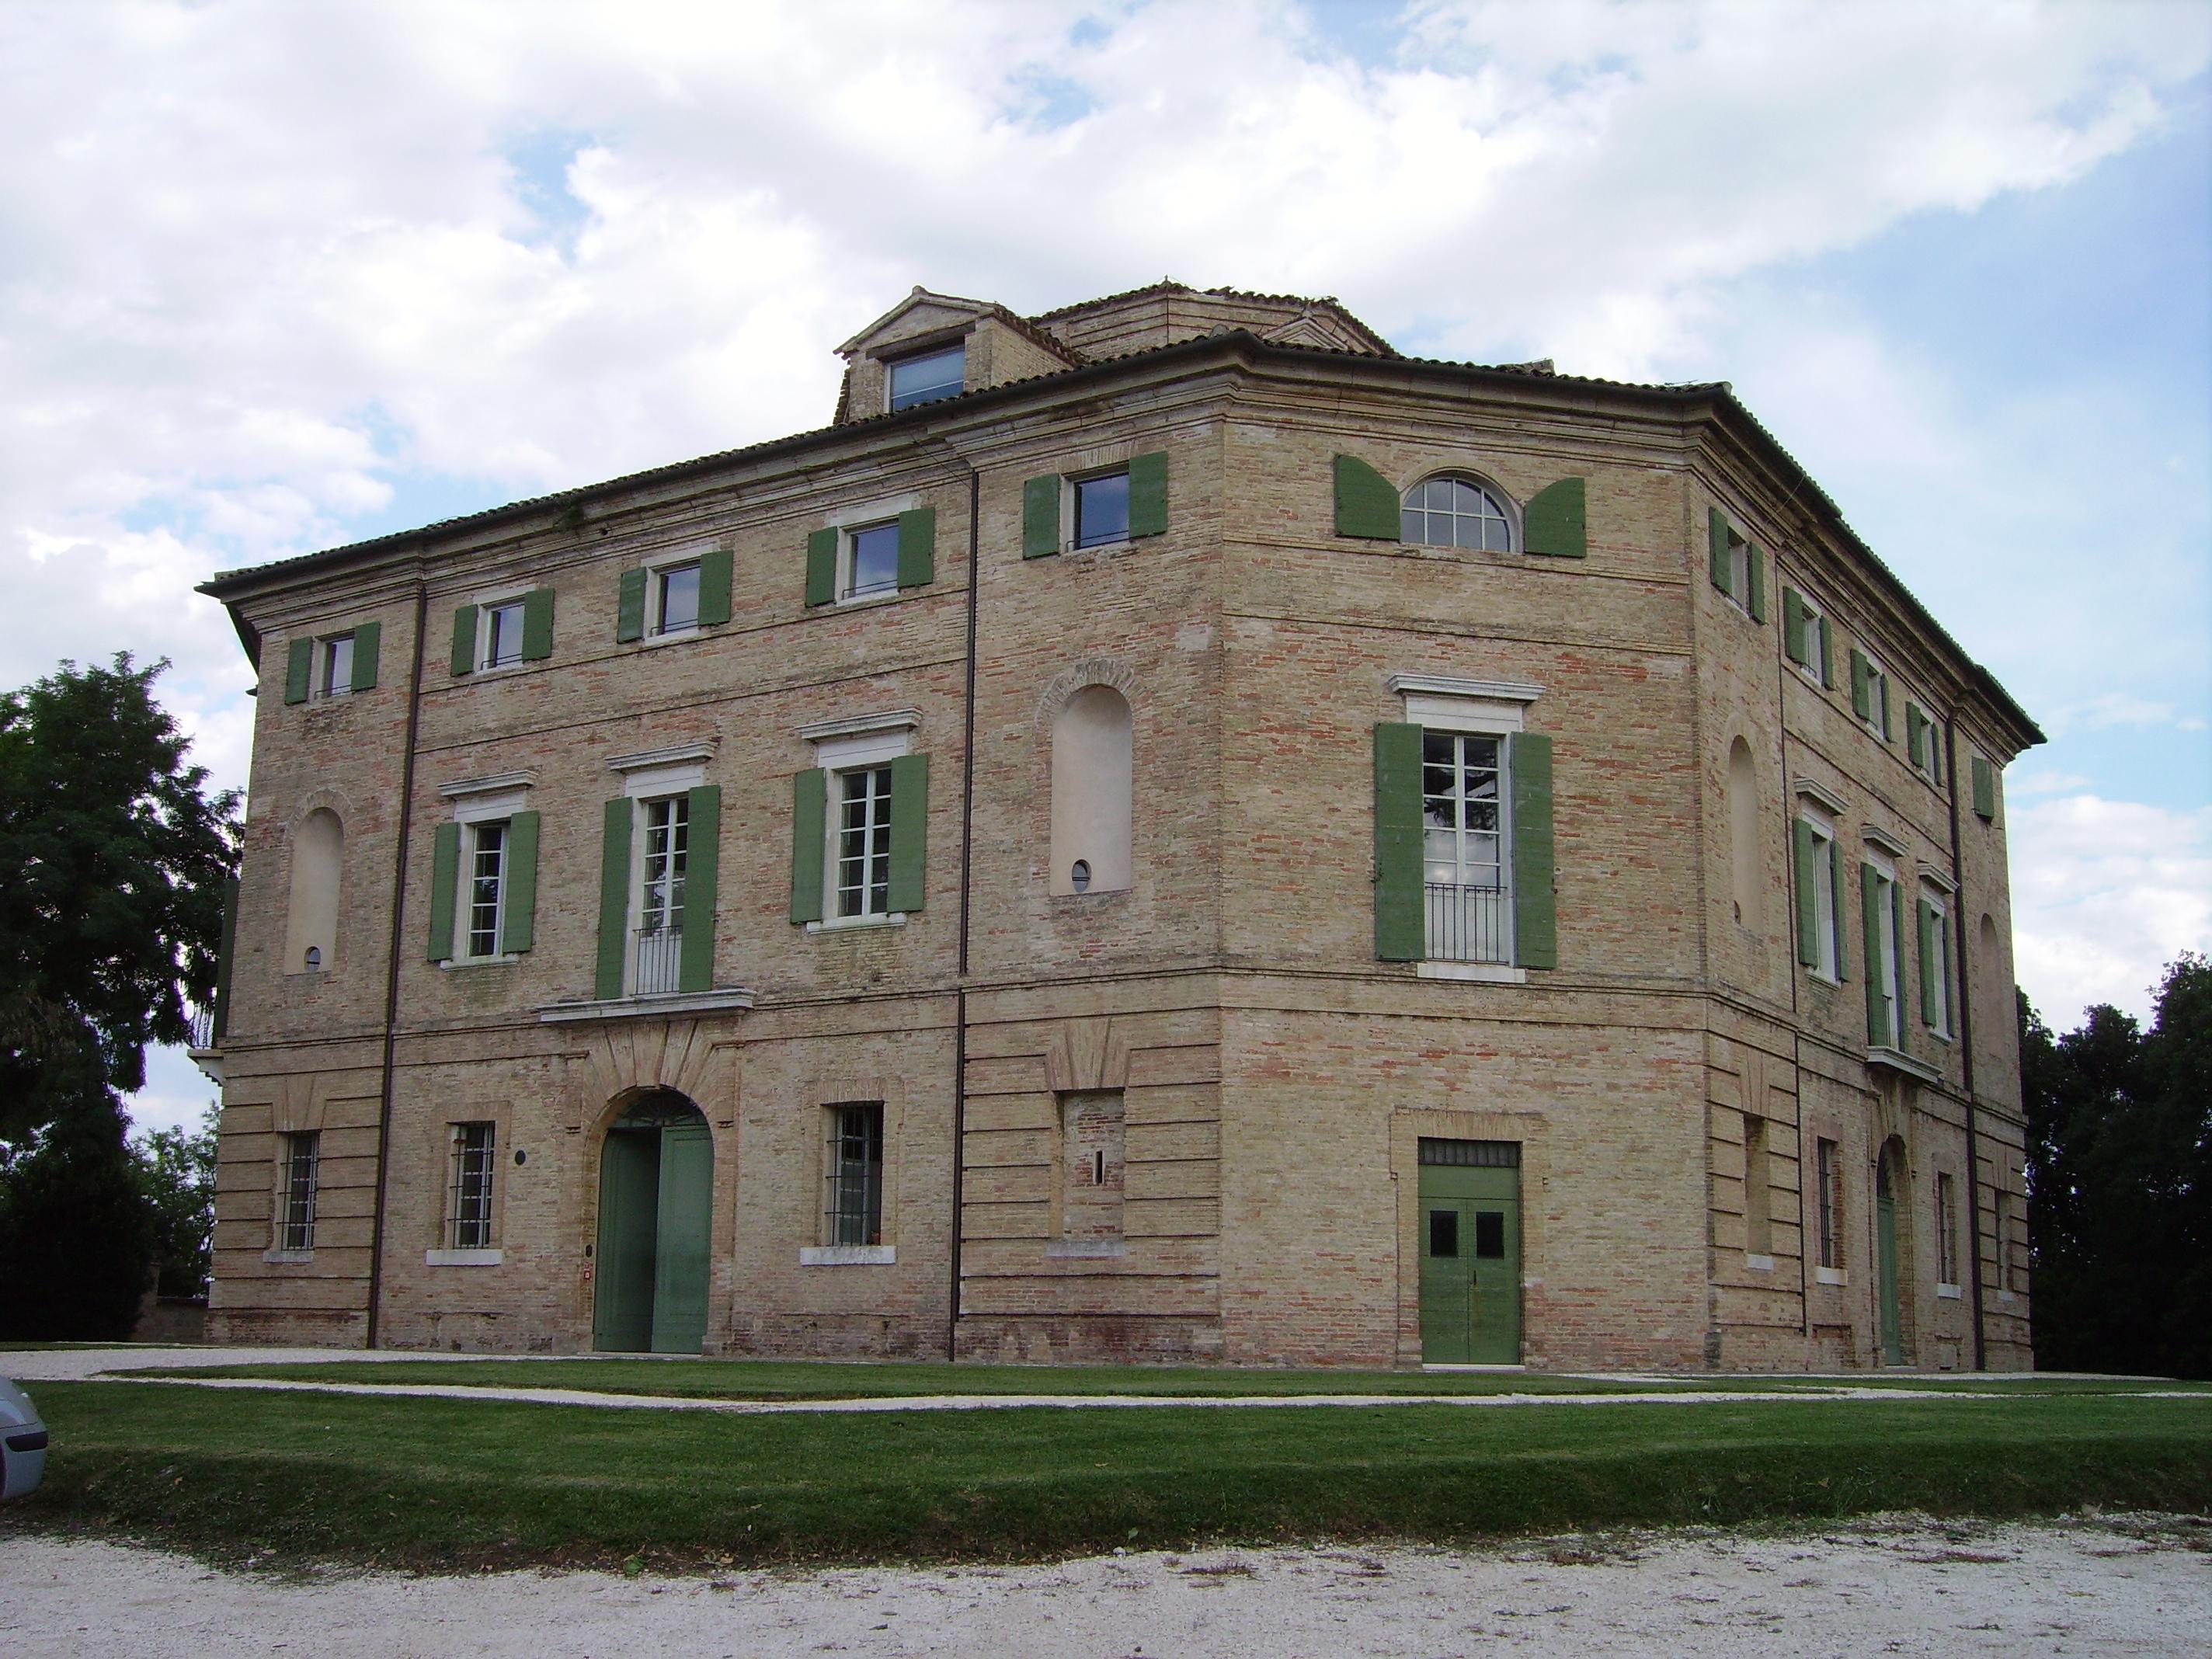 Al Giardino Ancona villa favorita (ancona) - wikipedia